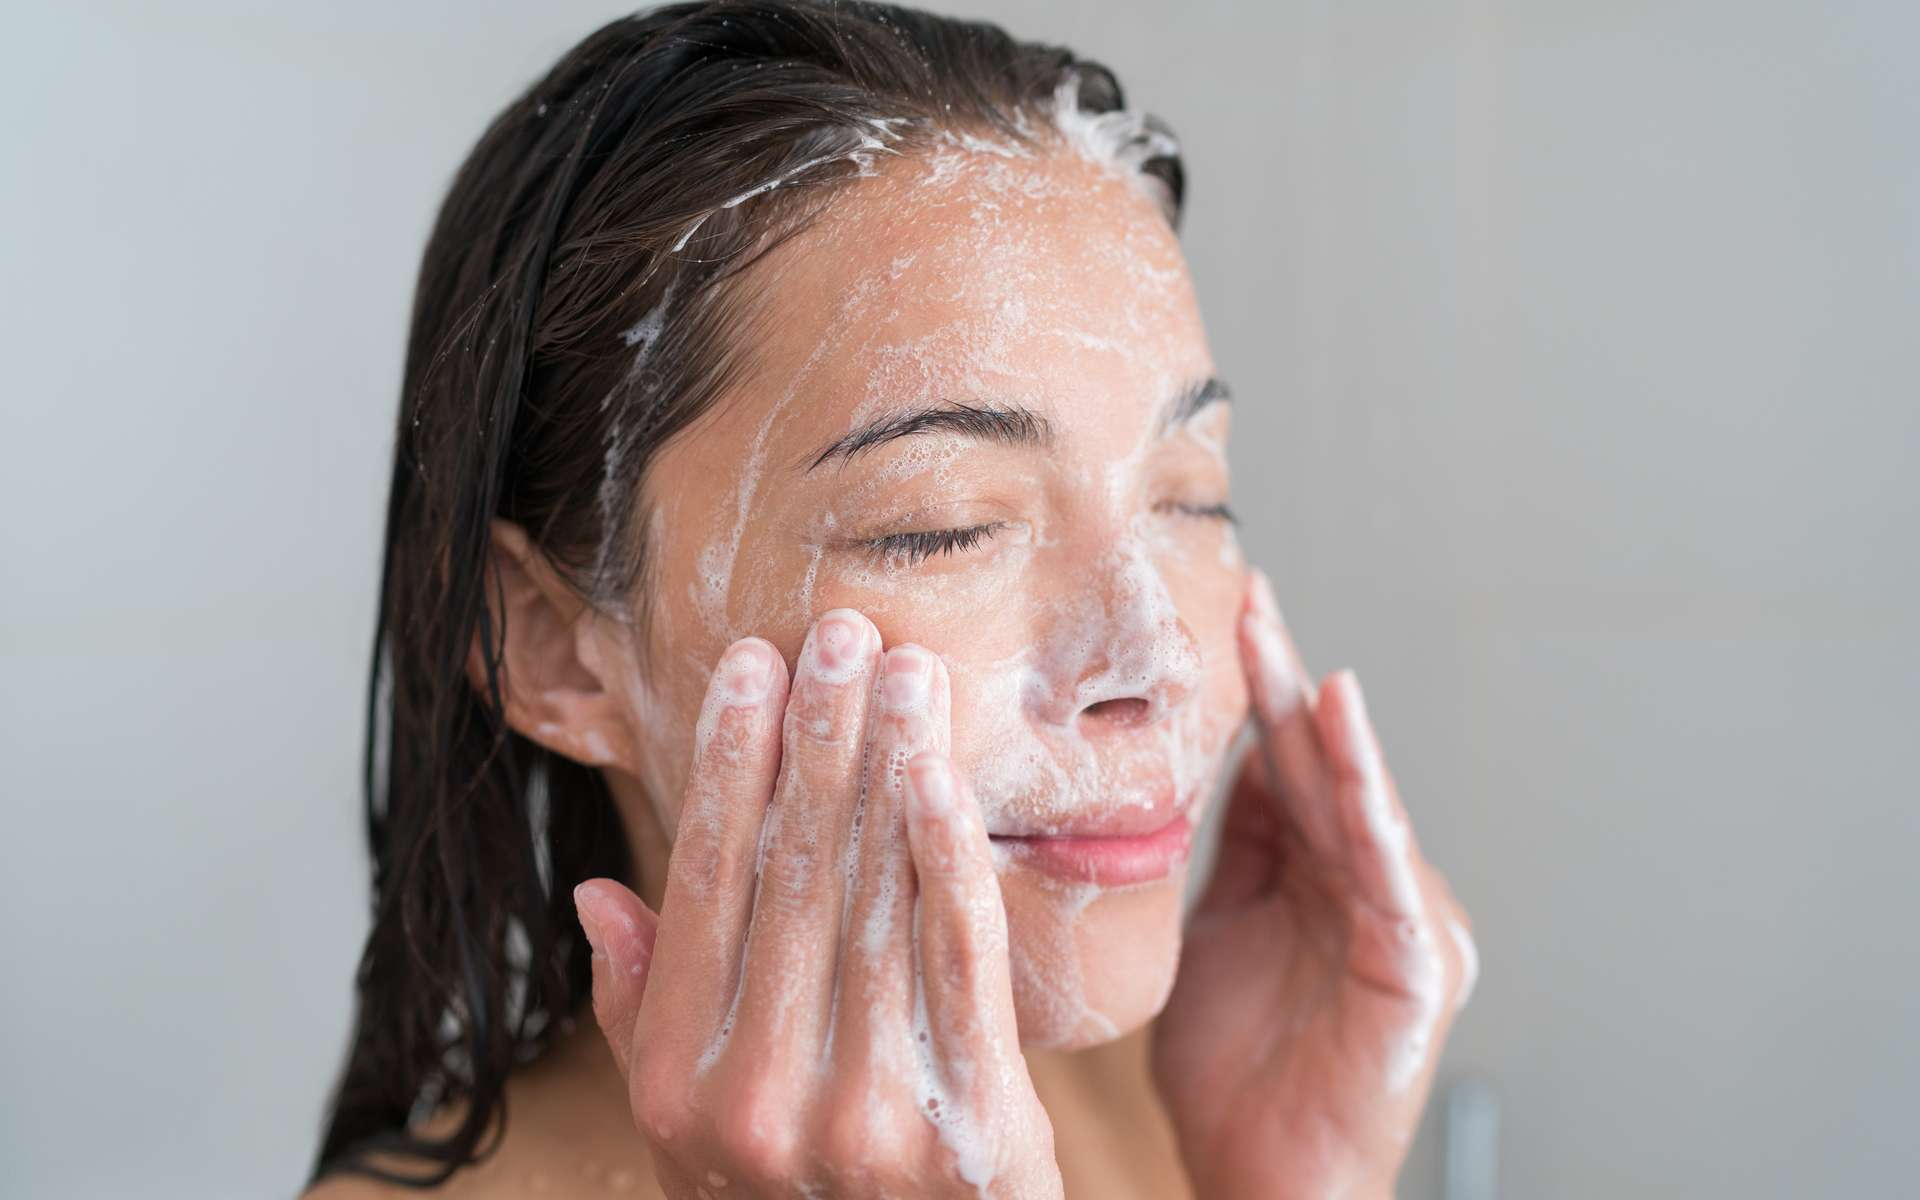 Le savon au lait d'ânesse serait bénéfique pour la santé de la peau. © Maridav, Adobe Stock